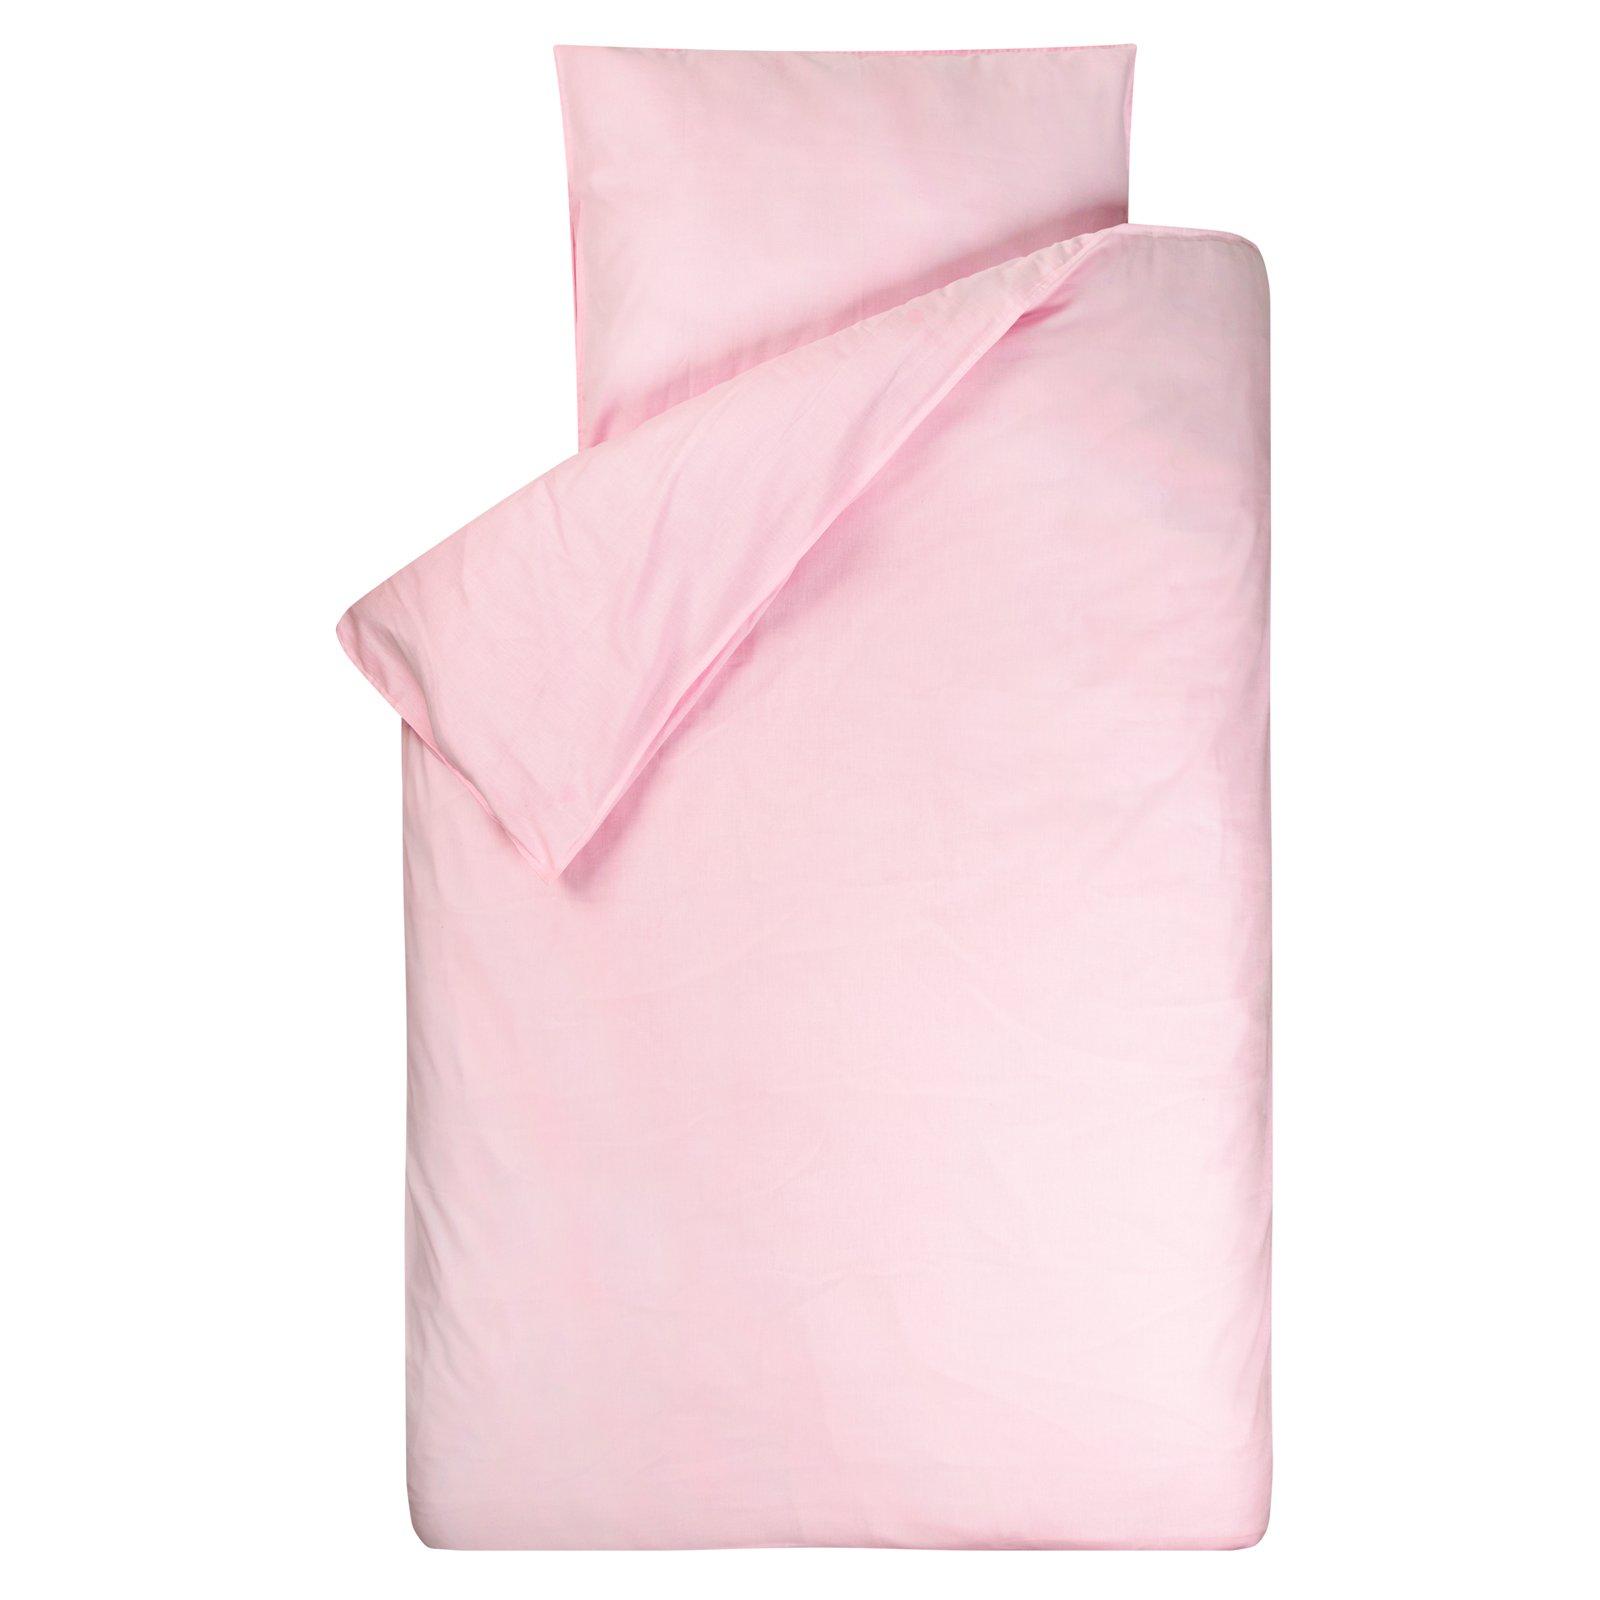 dekbedovertrek Bo roze  120×150